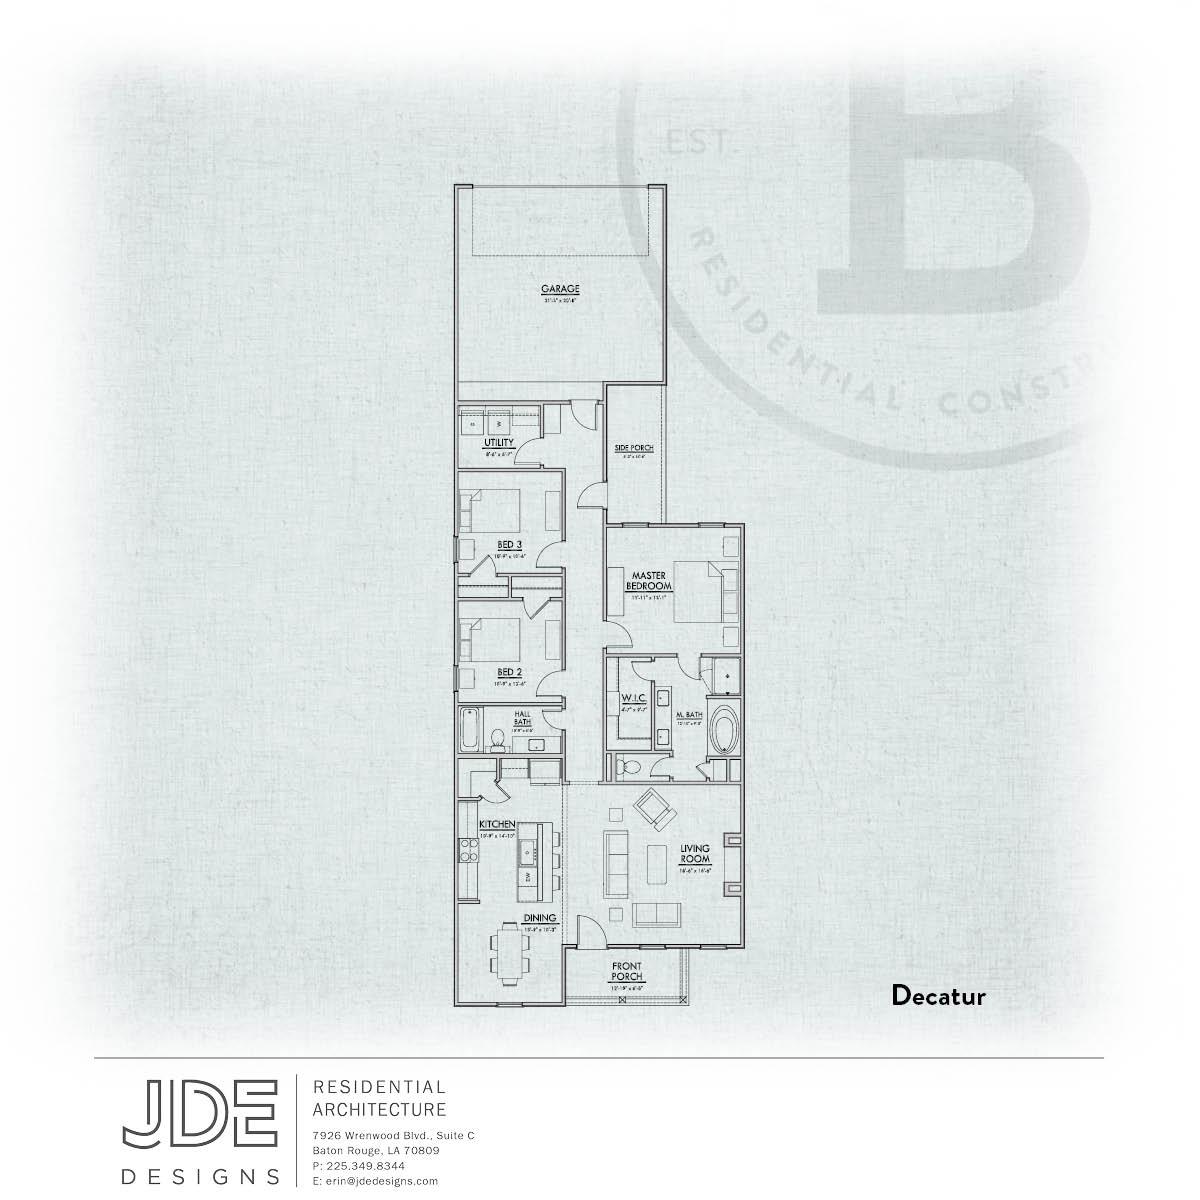 Decatur B Floorplan